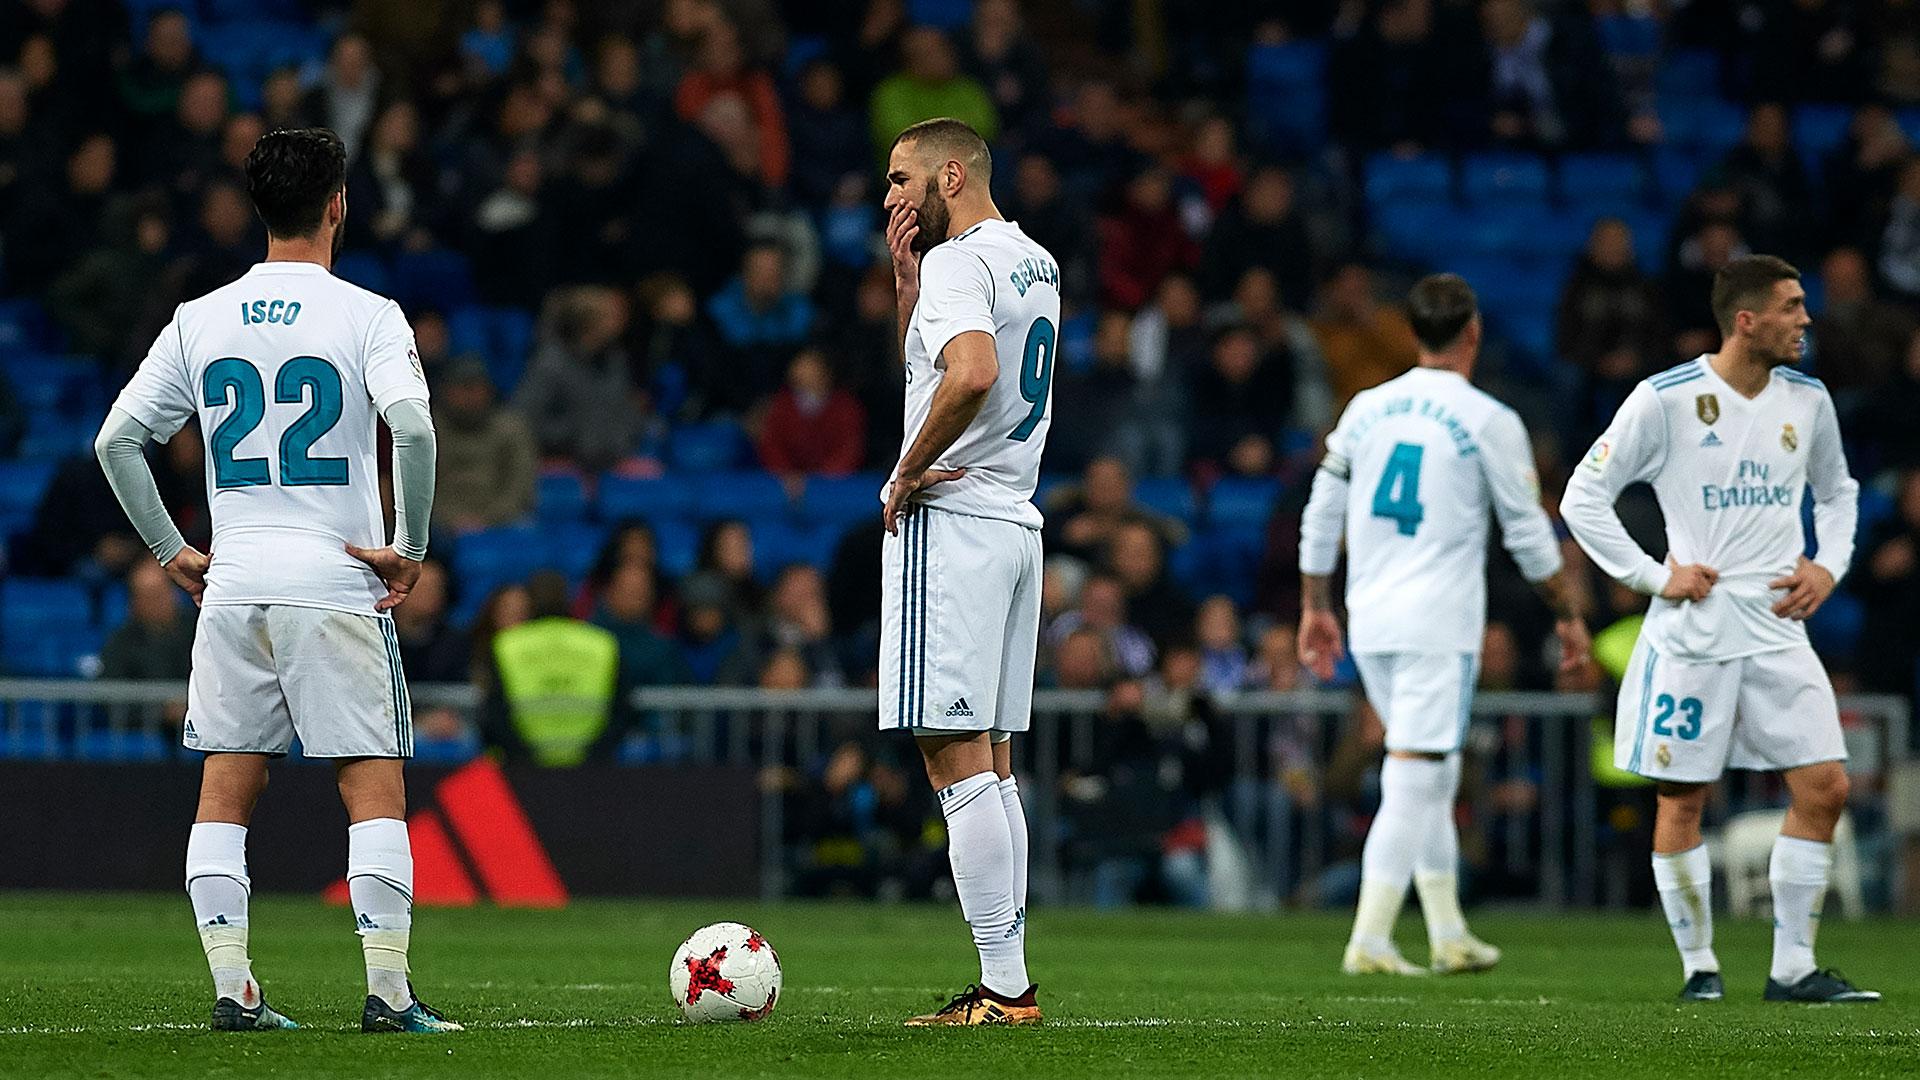 Los jugadores del Real Madrid no muestran reacción ante su grave crisis (Getty Images)